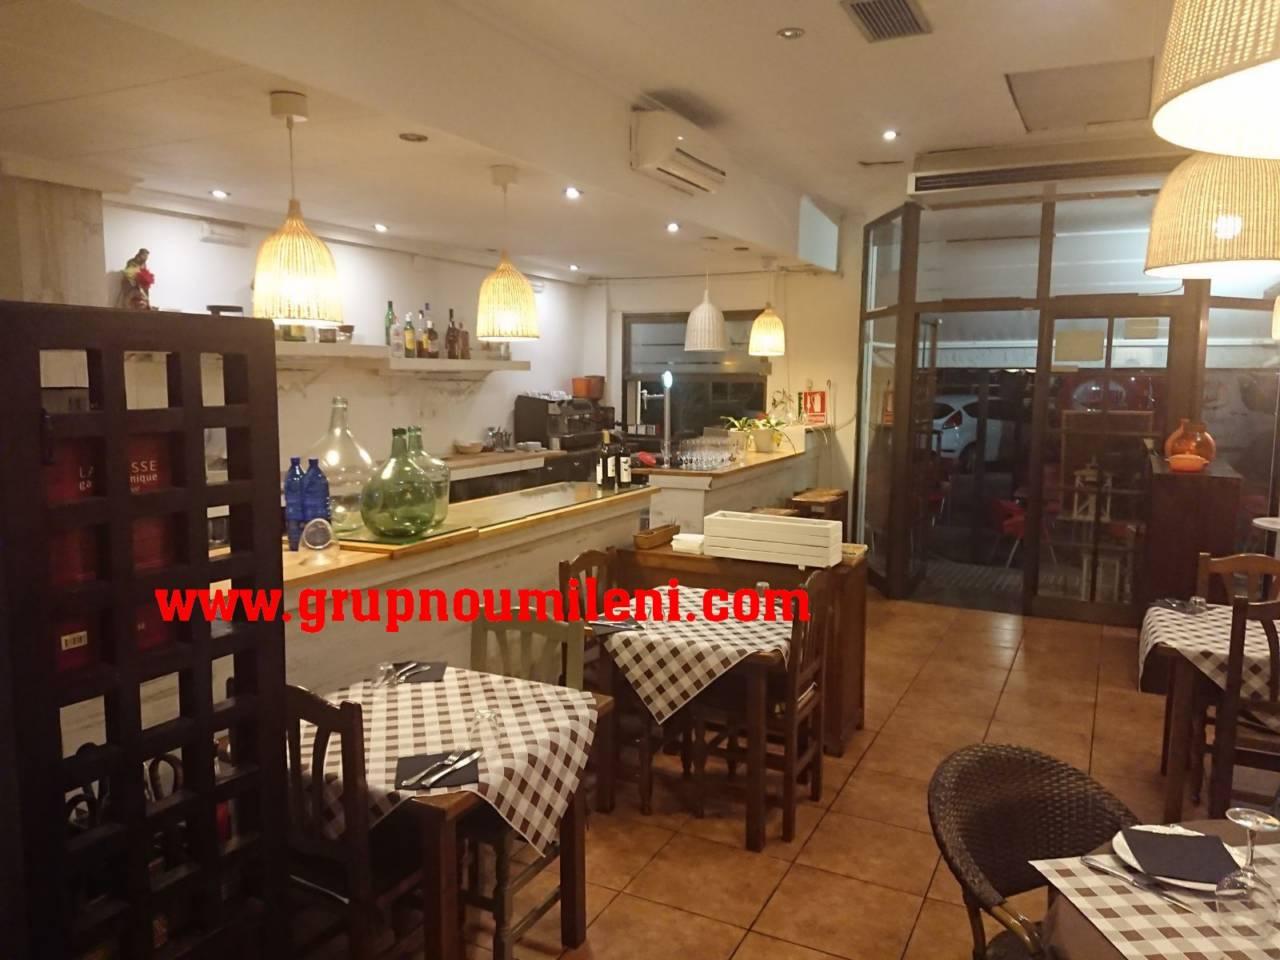 Traspàs Local Comercial en Catarroja. Superf. 120 m²,  2 aseos, accesibilidad, aislantes, tipo de nego